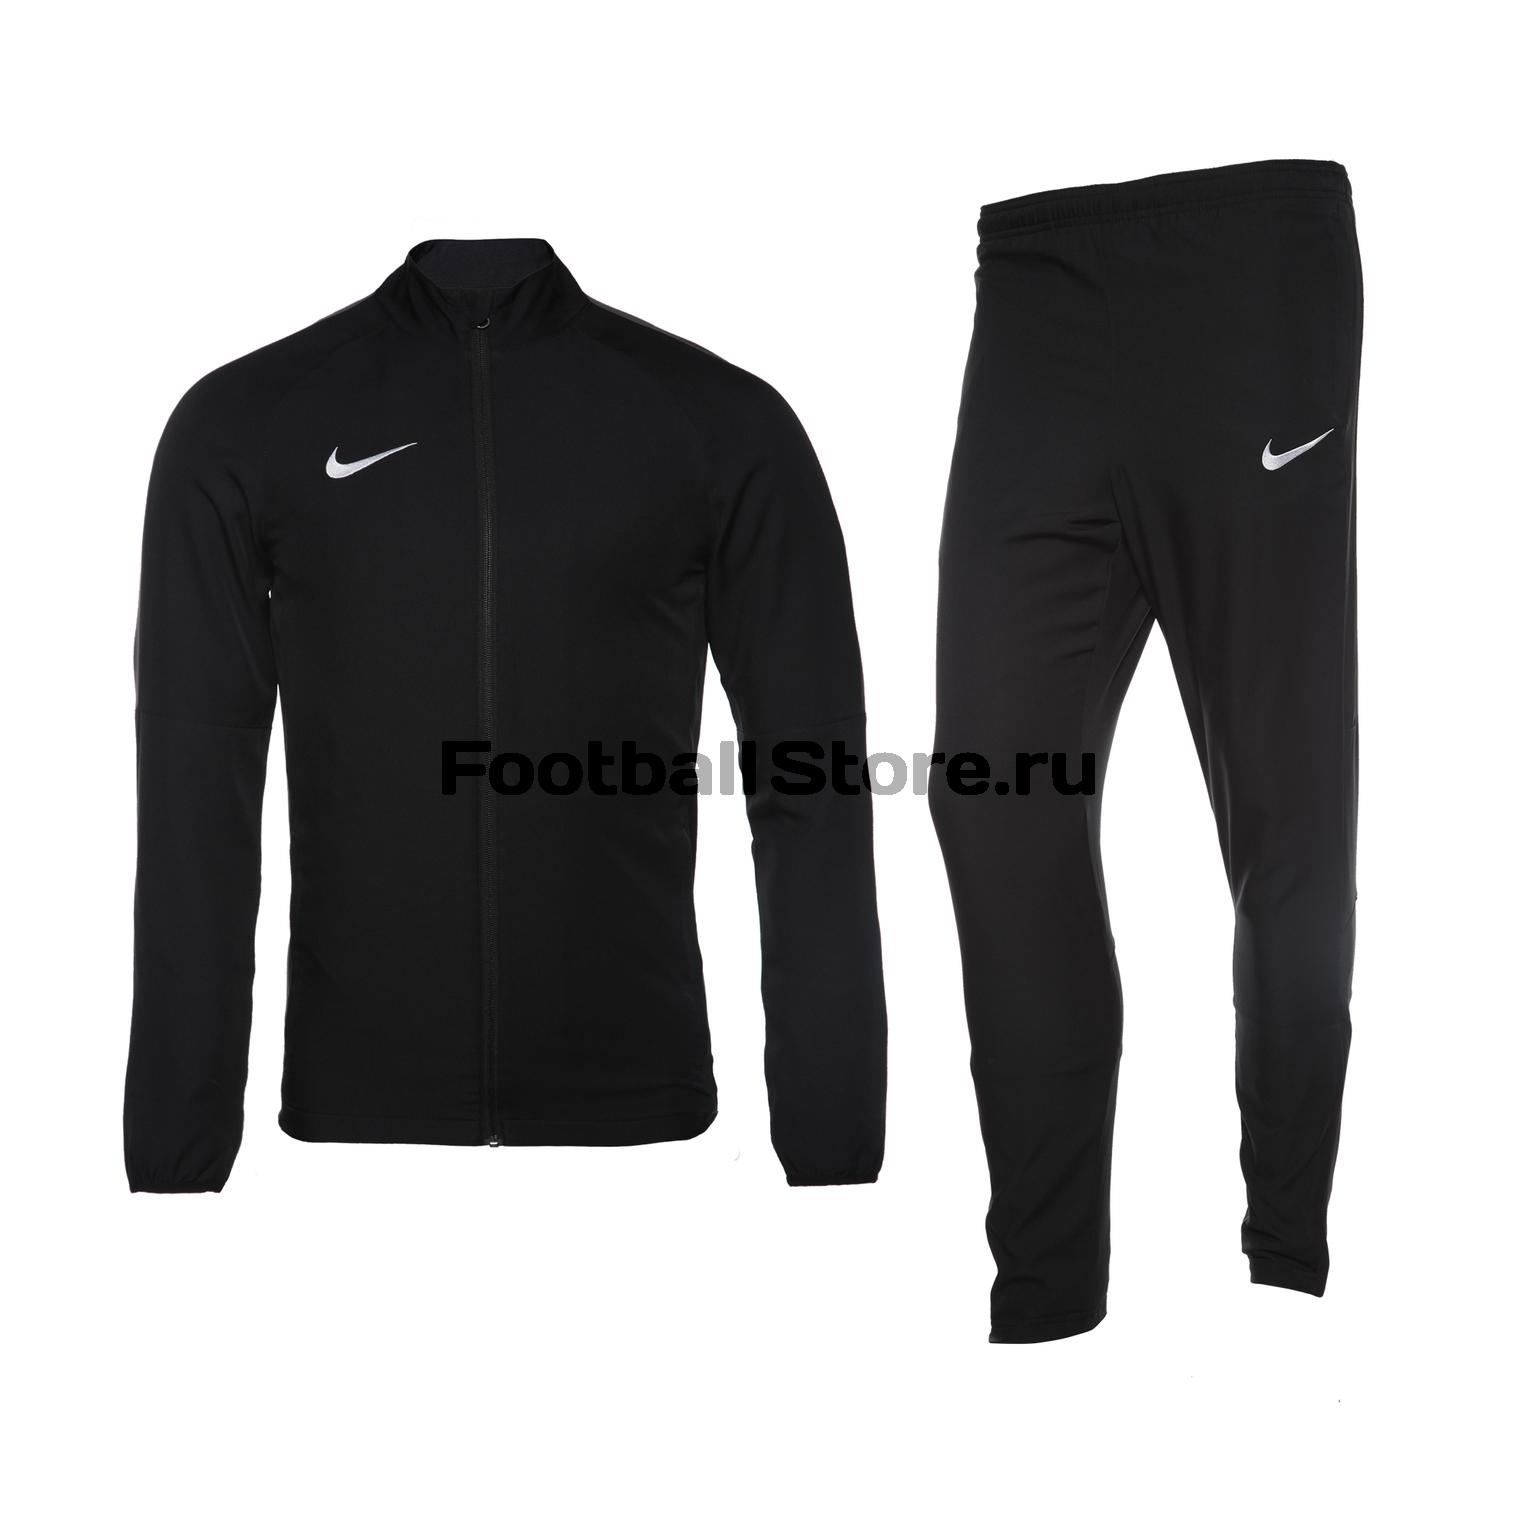 Костюм спортивный Nike Dry Academy18 TRK Suit W 893709-010 костюм спортивный nike dry academy18 trk suit w 893709 361